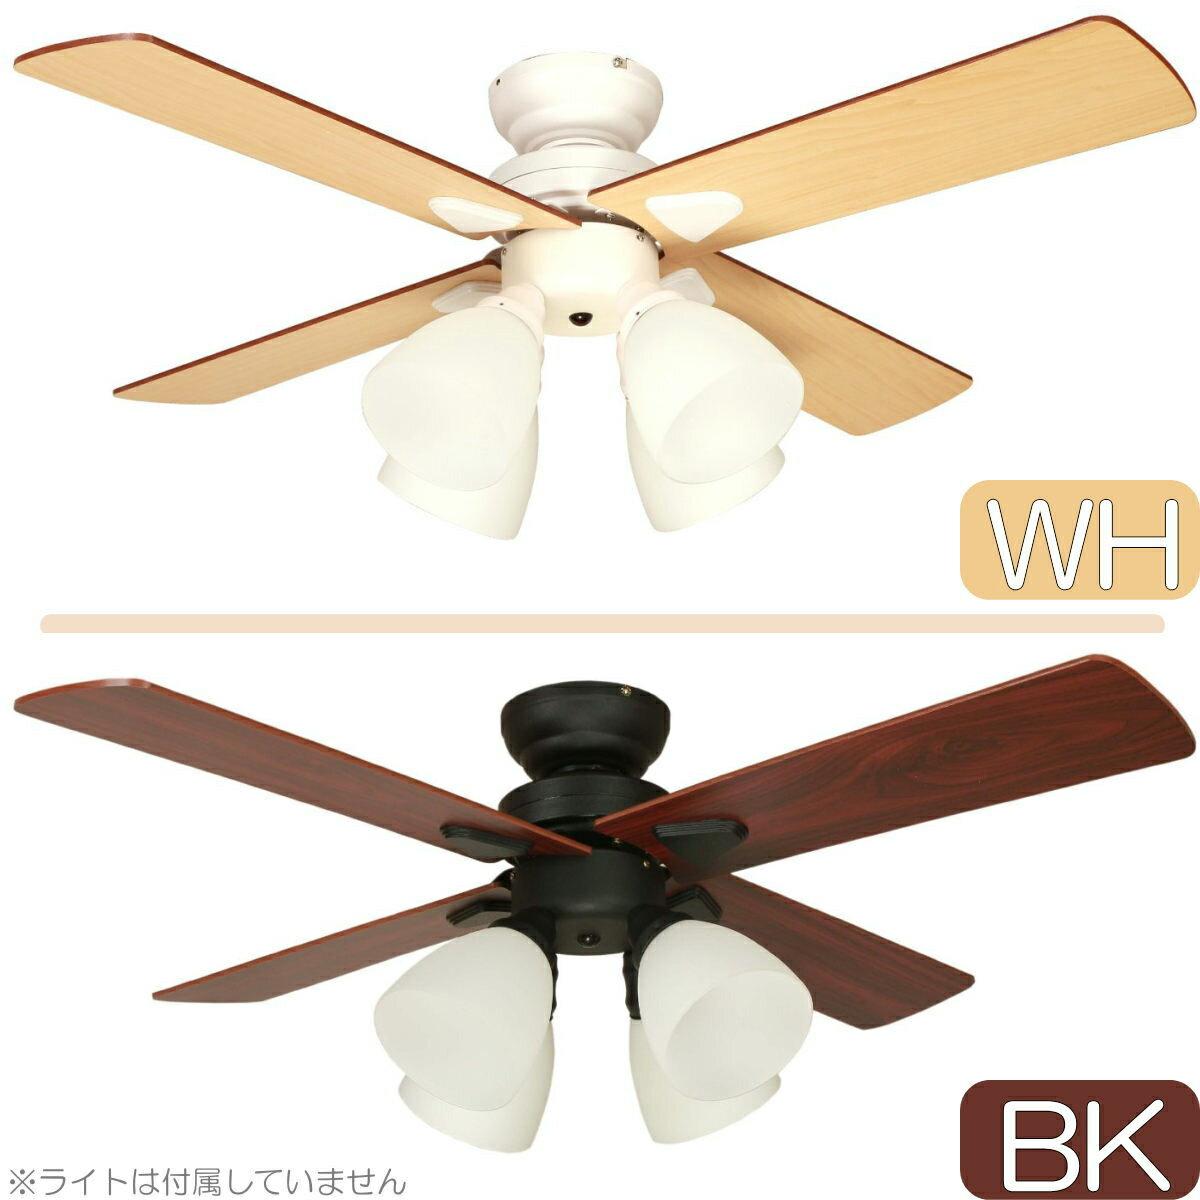 【あす楽】シーリングファン Windouble ウィンダブル 4灯   BIG-101   全2色   羽根径107cm   リバーシブル羽根   リモコン付属   1年保証